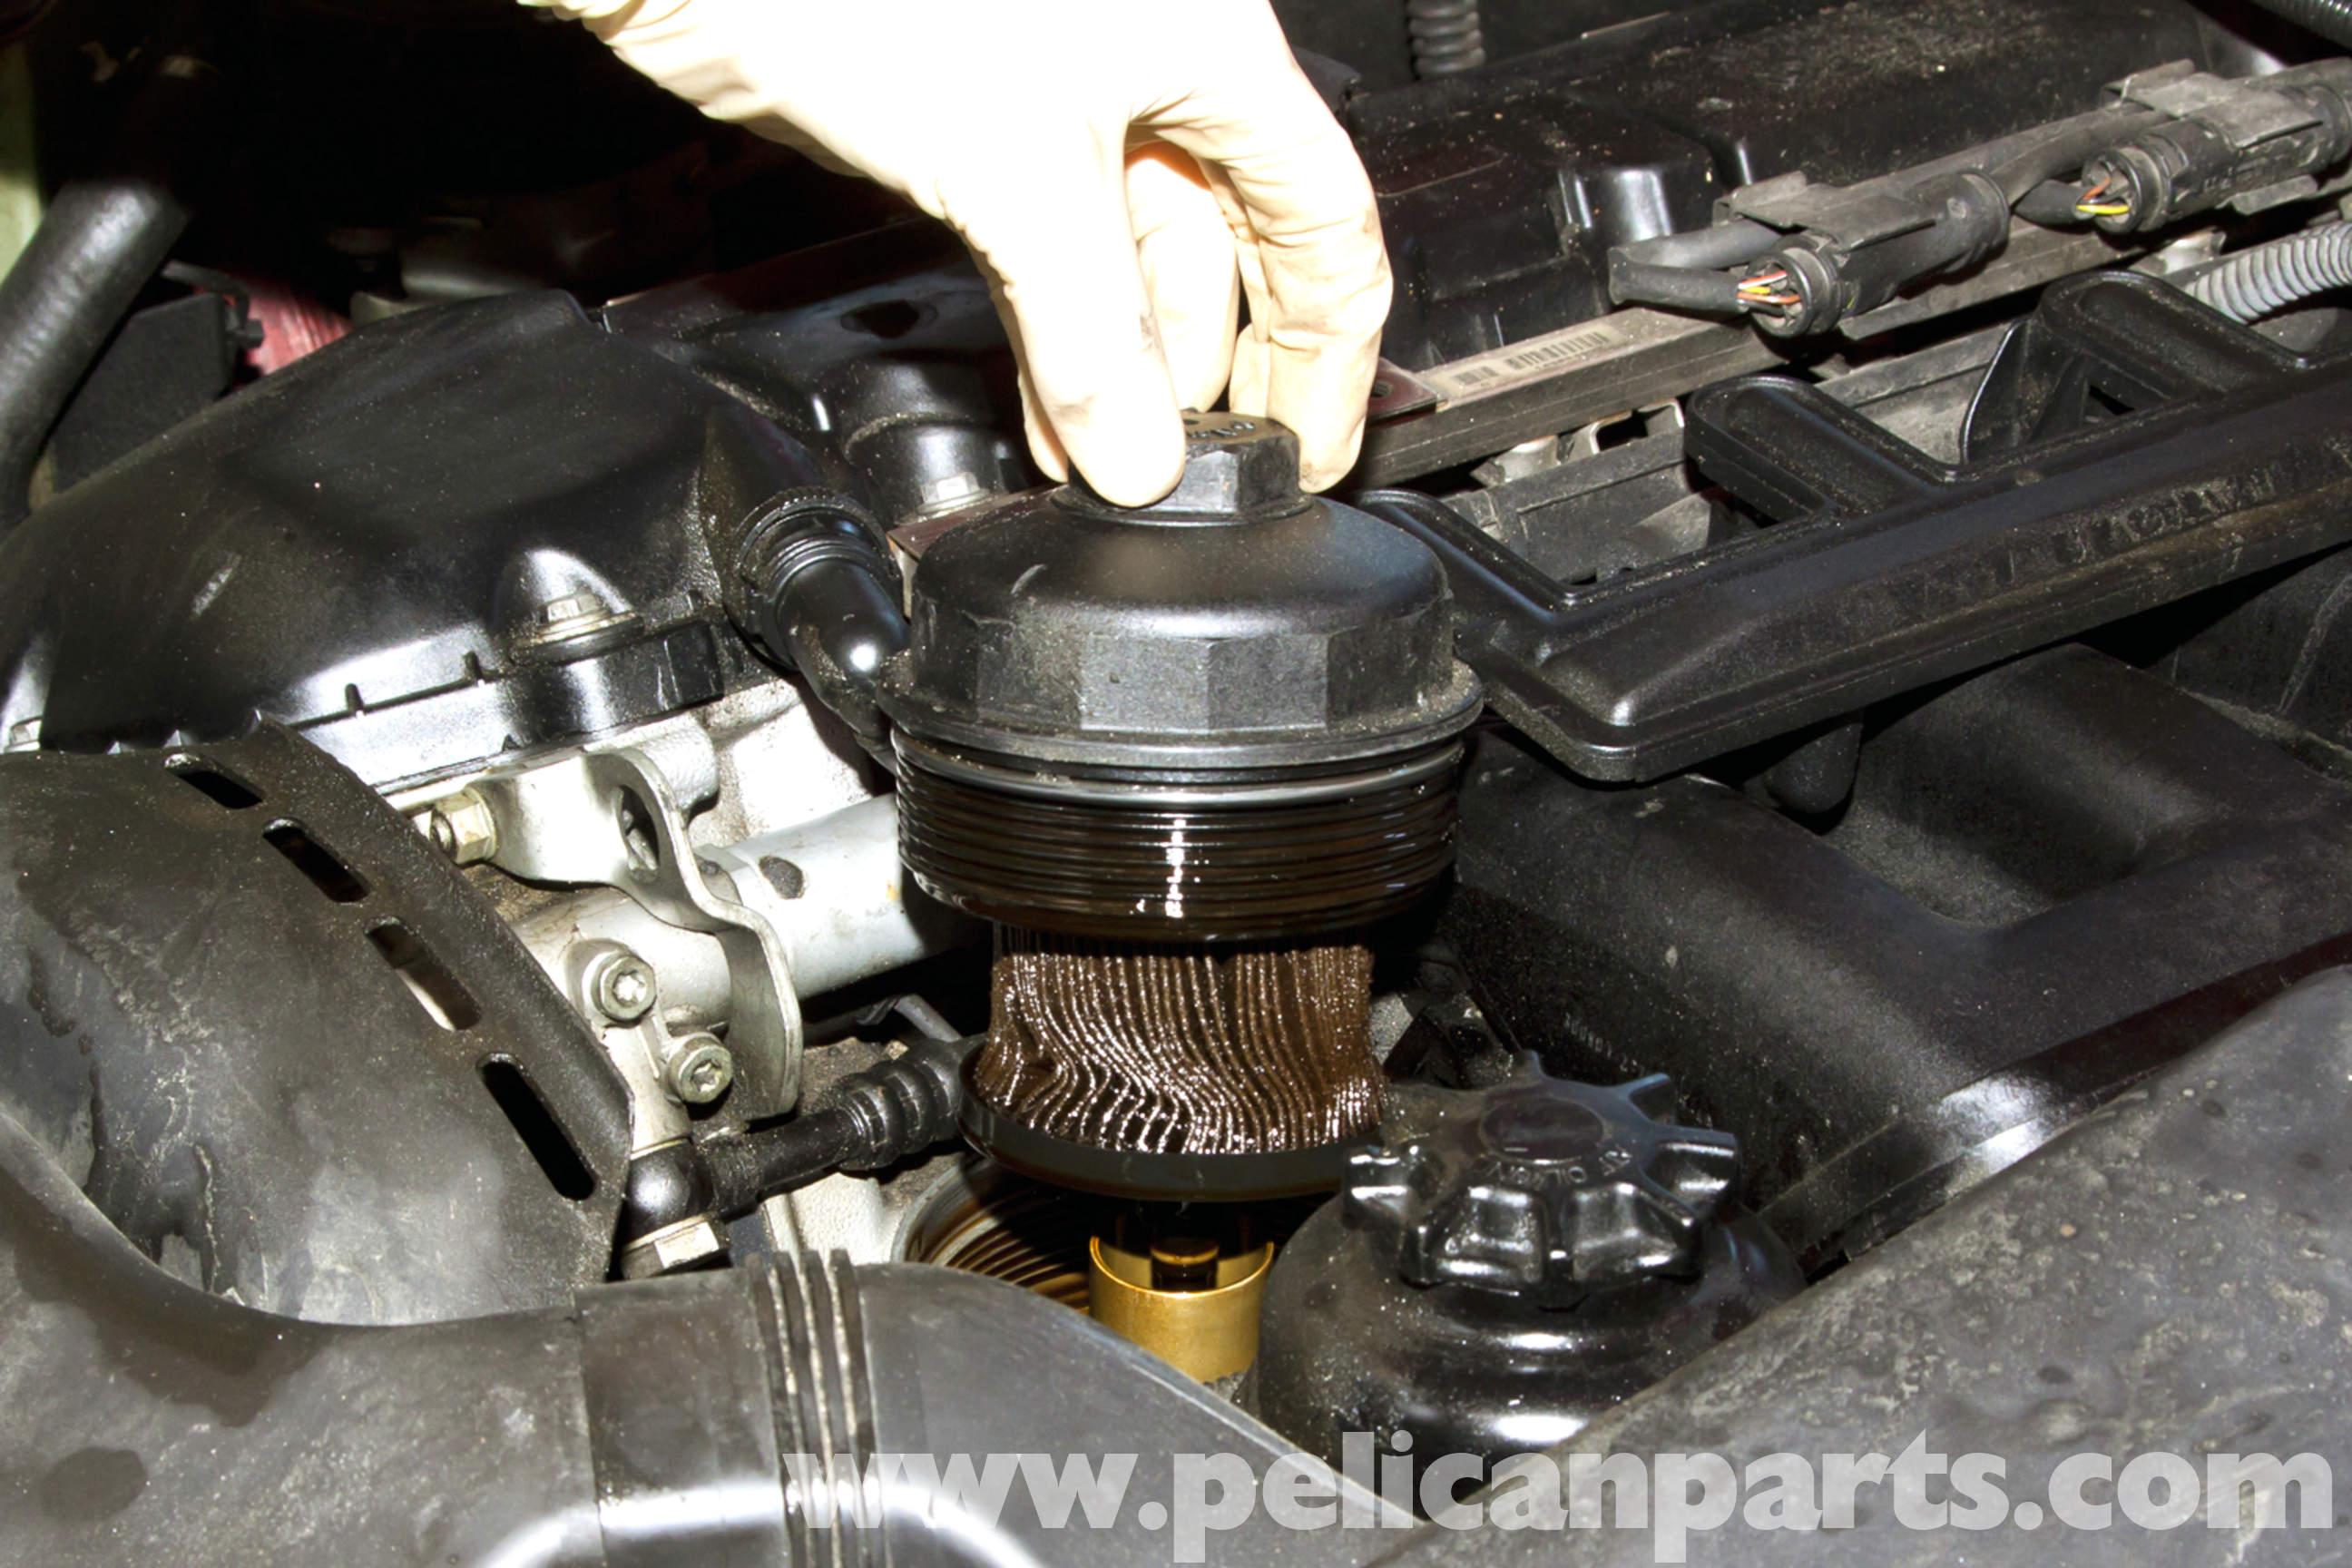 Bmw E39 5 Series Oil Change 1997 2003 525i 528i 530i 540i Engine Module Wiring Diagram Large Image Extra